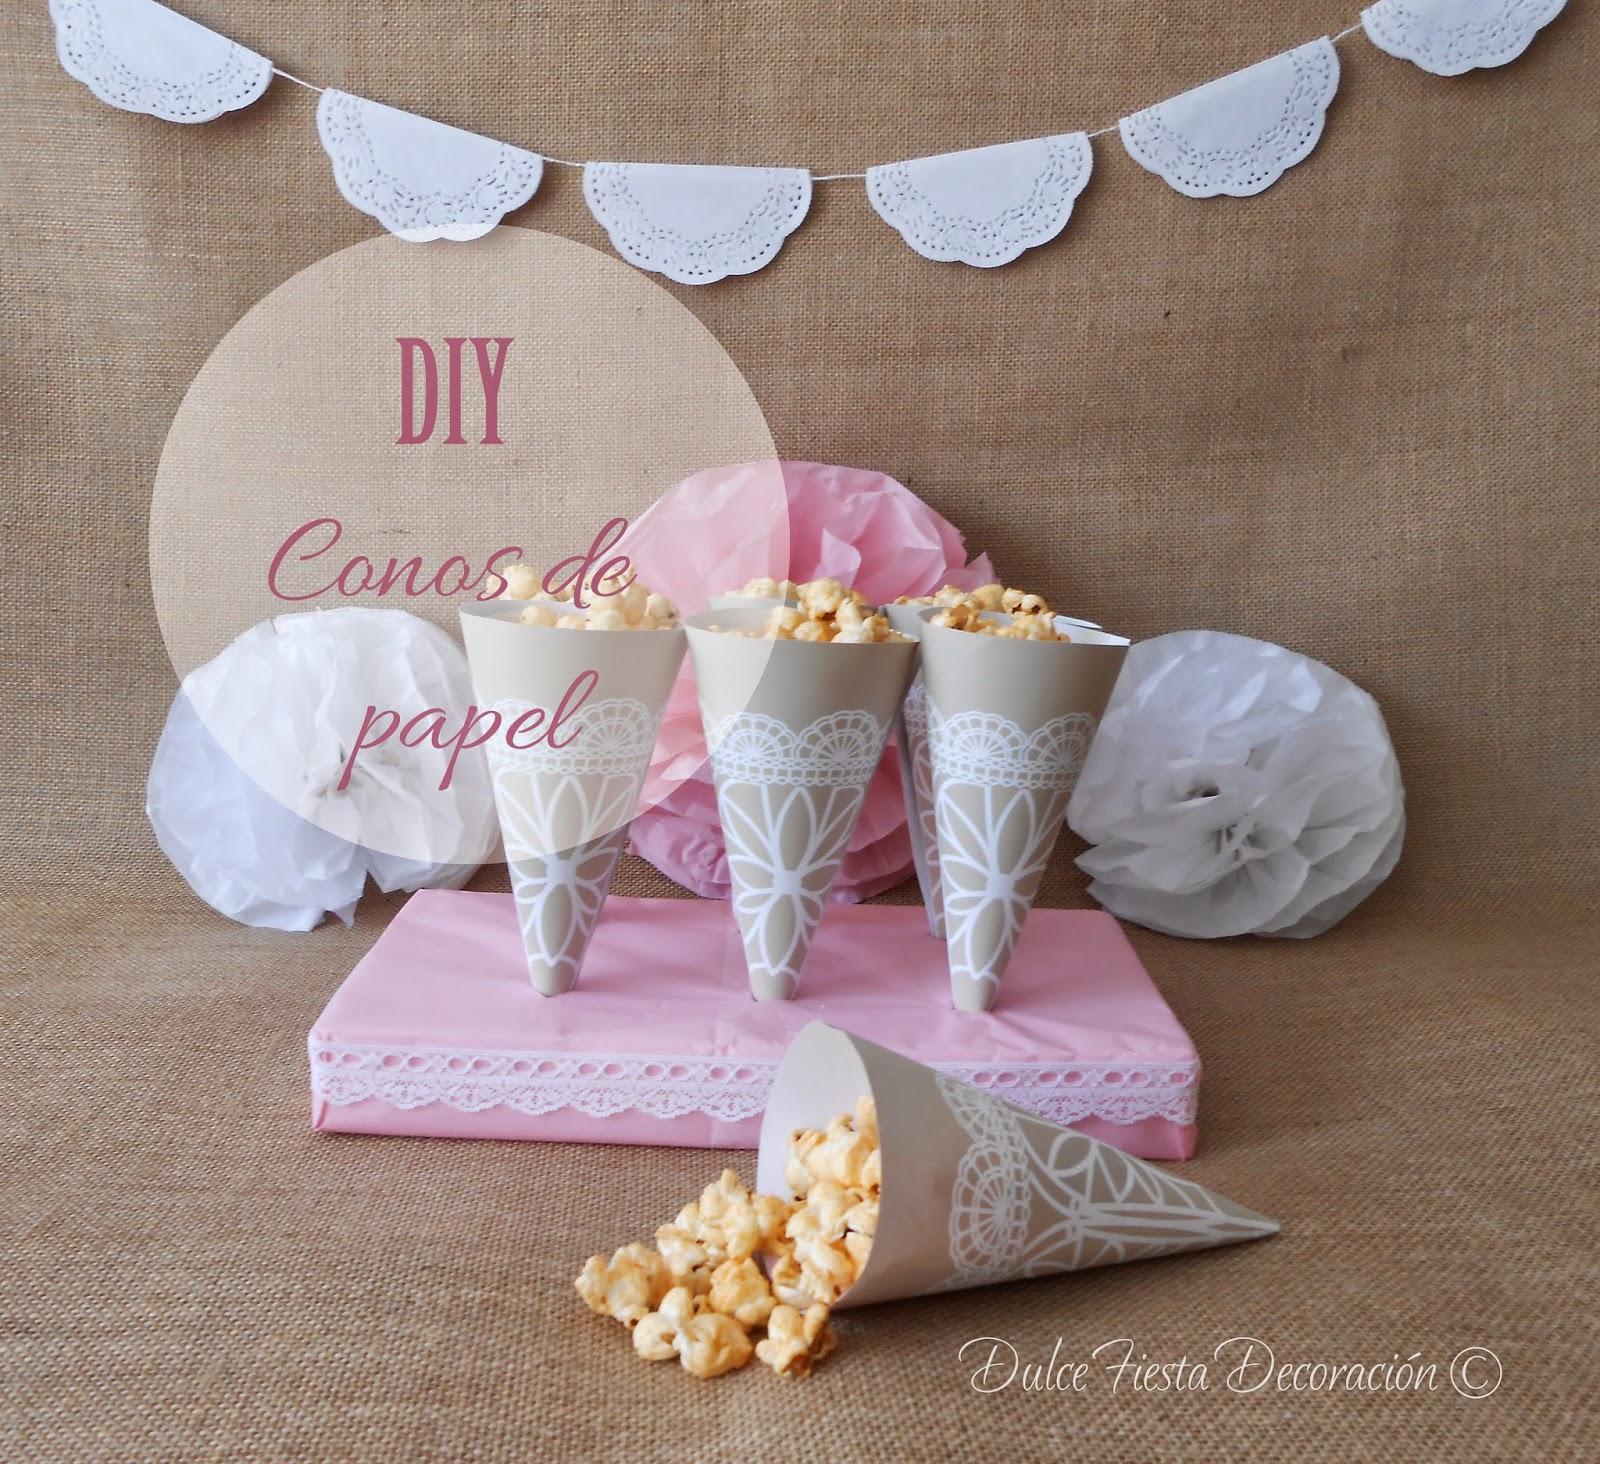 Dise o y decoraci n personalizada para eventos diy conos - Decorar con papel ...